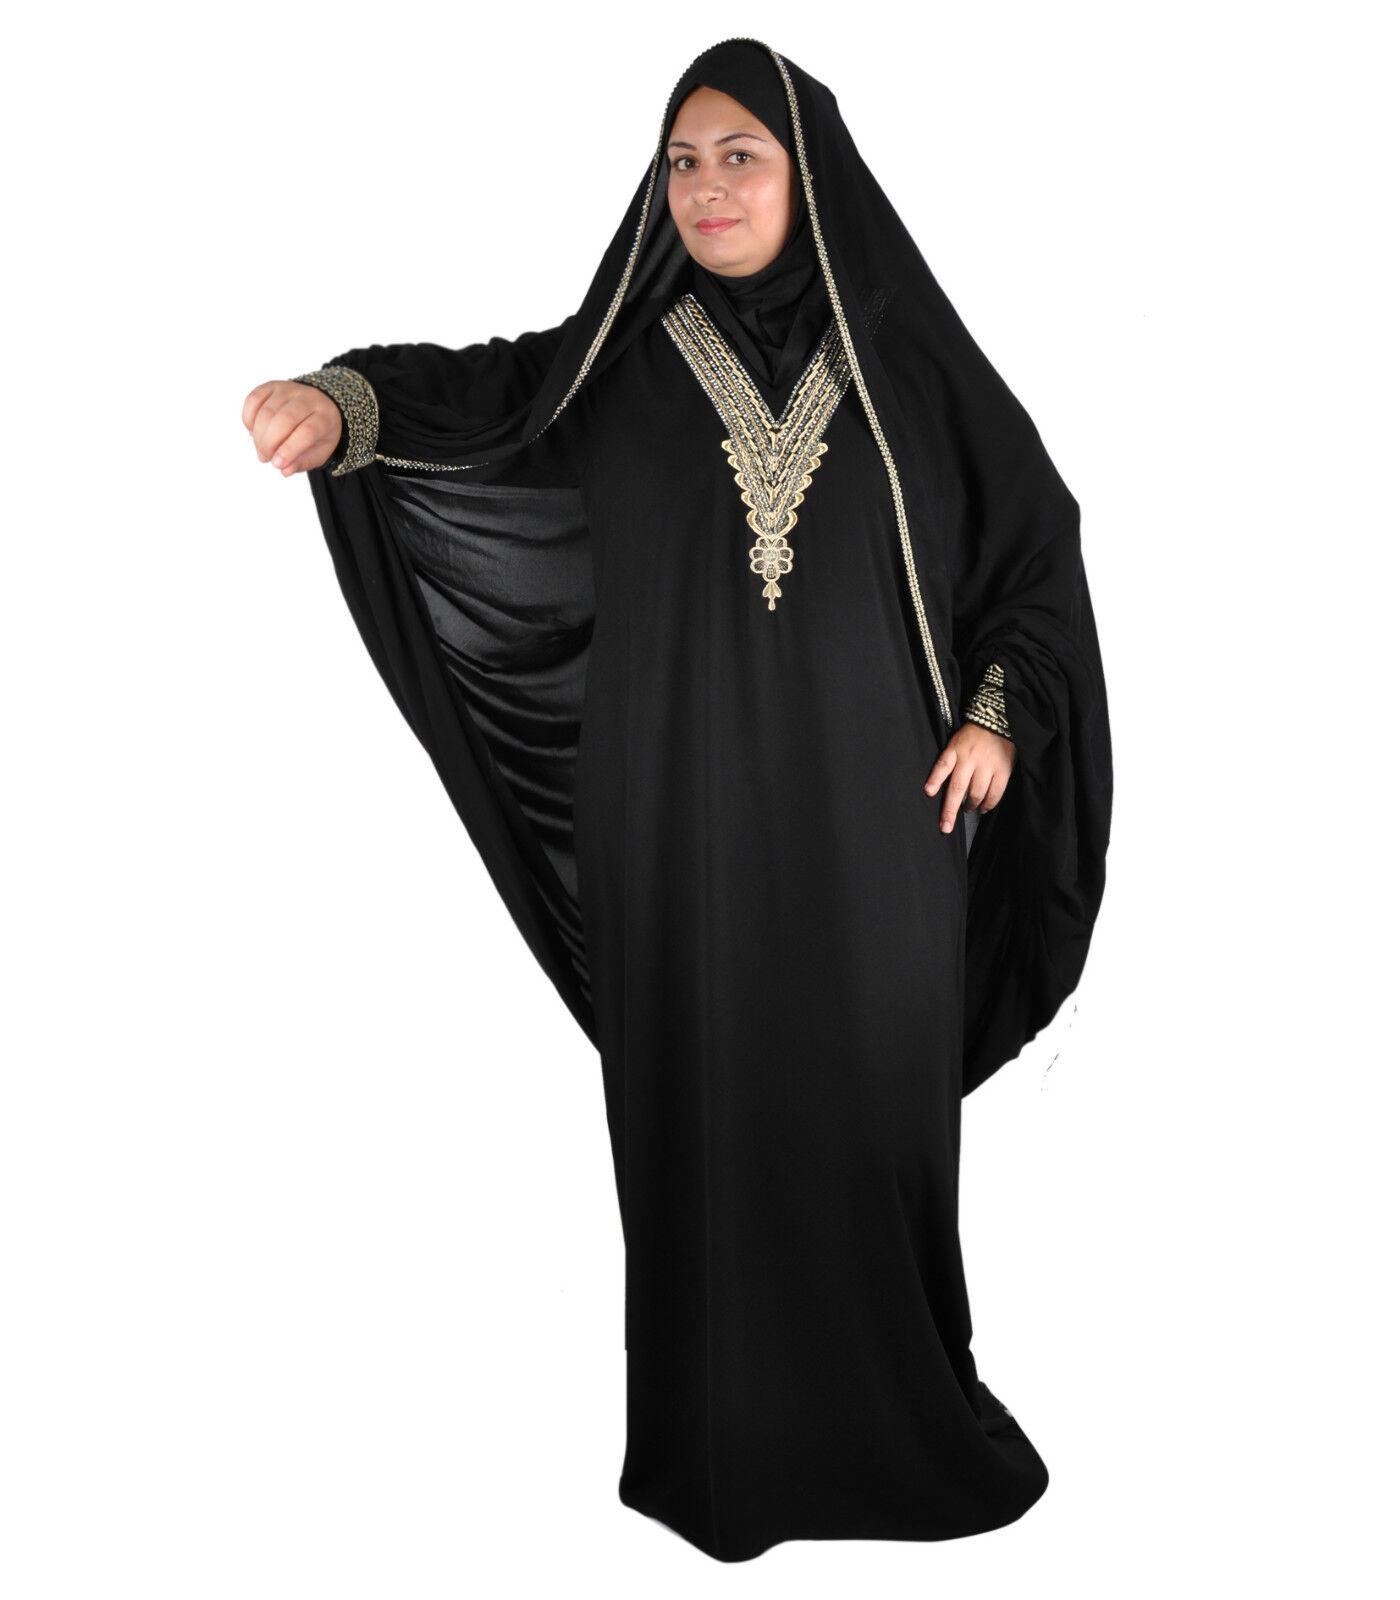 Dubai Abaya im Islamischen Stil Festkleid mit Schleier in schwarz -  ABY00334